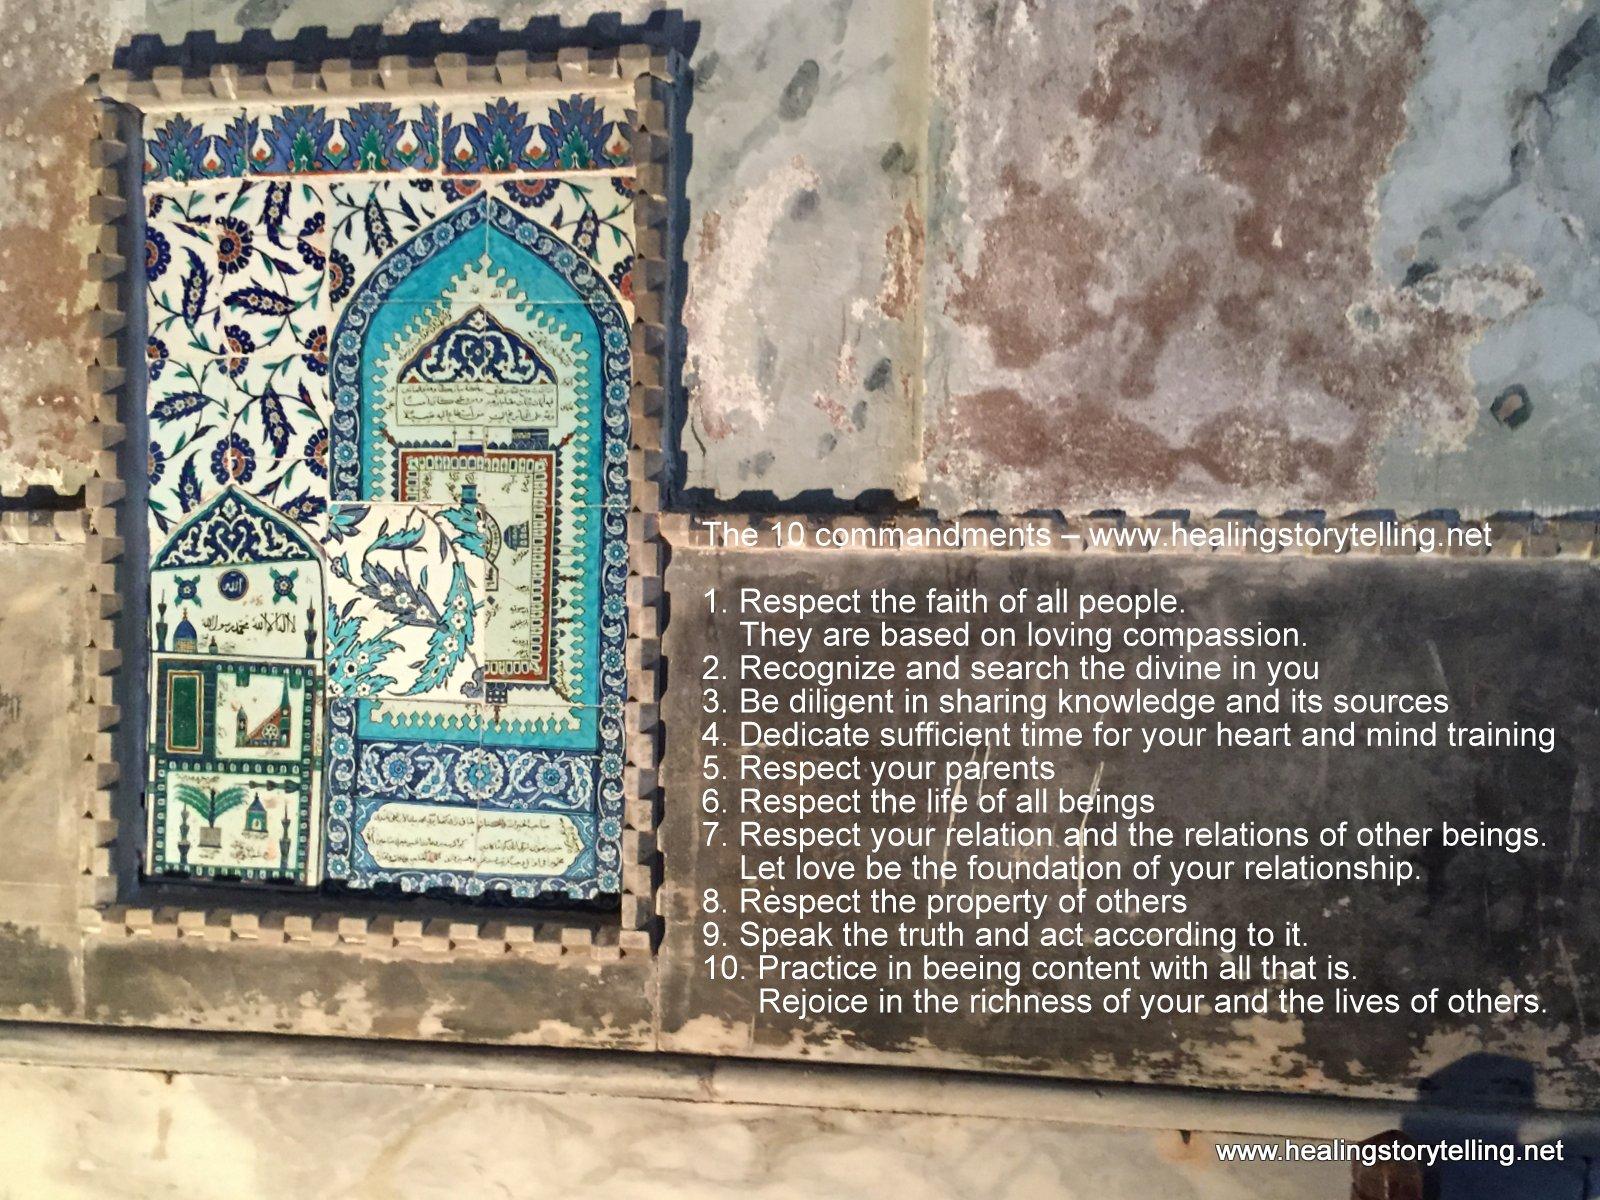 10 commandments remix